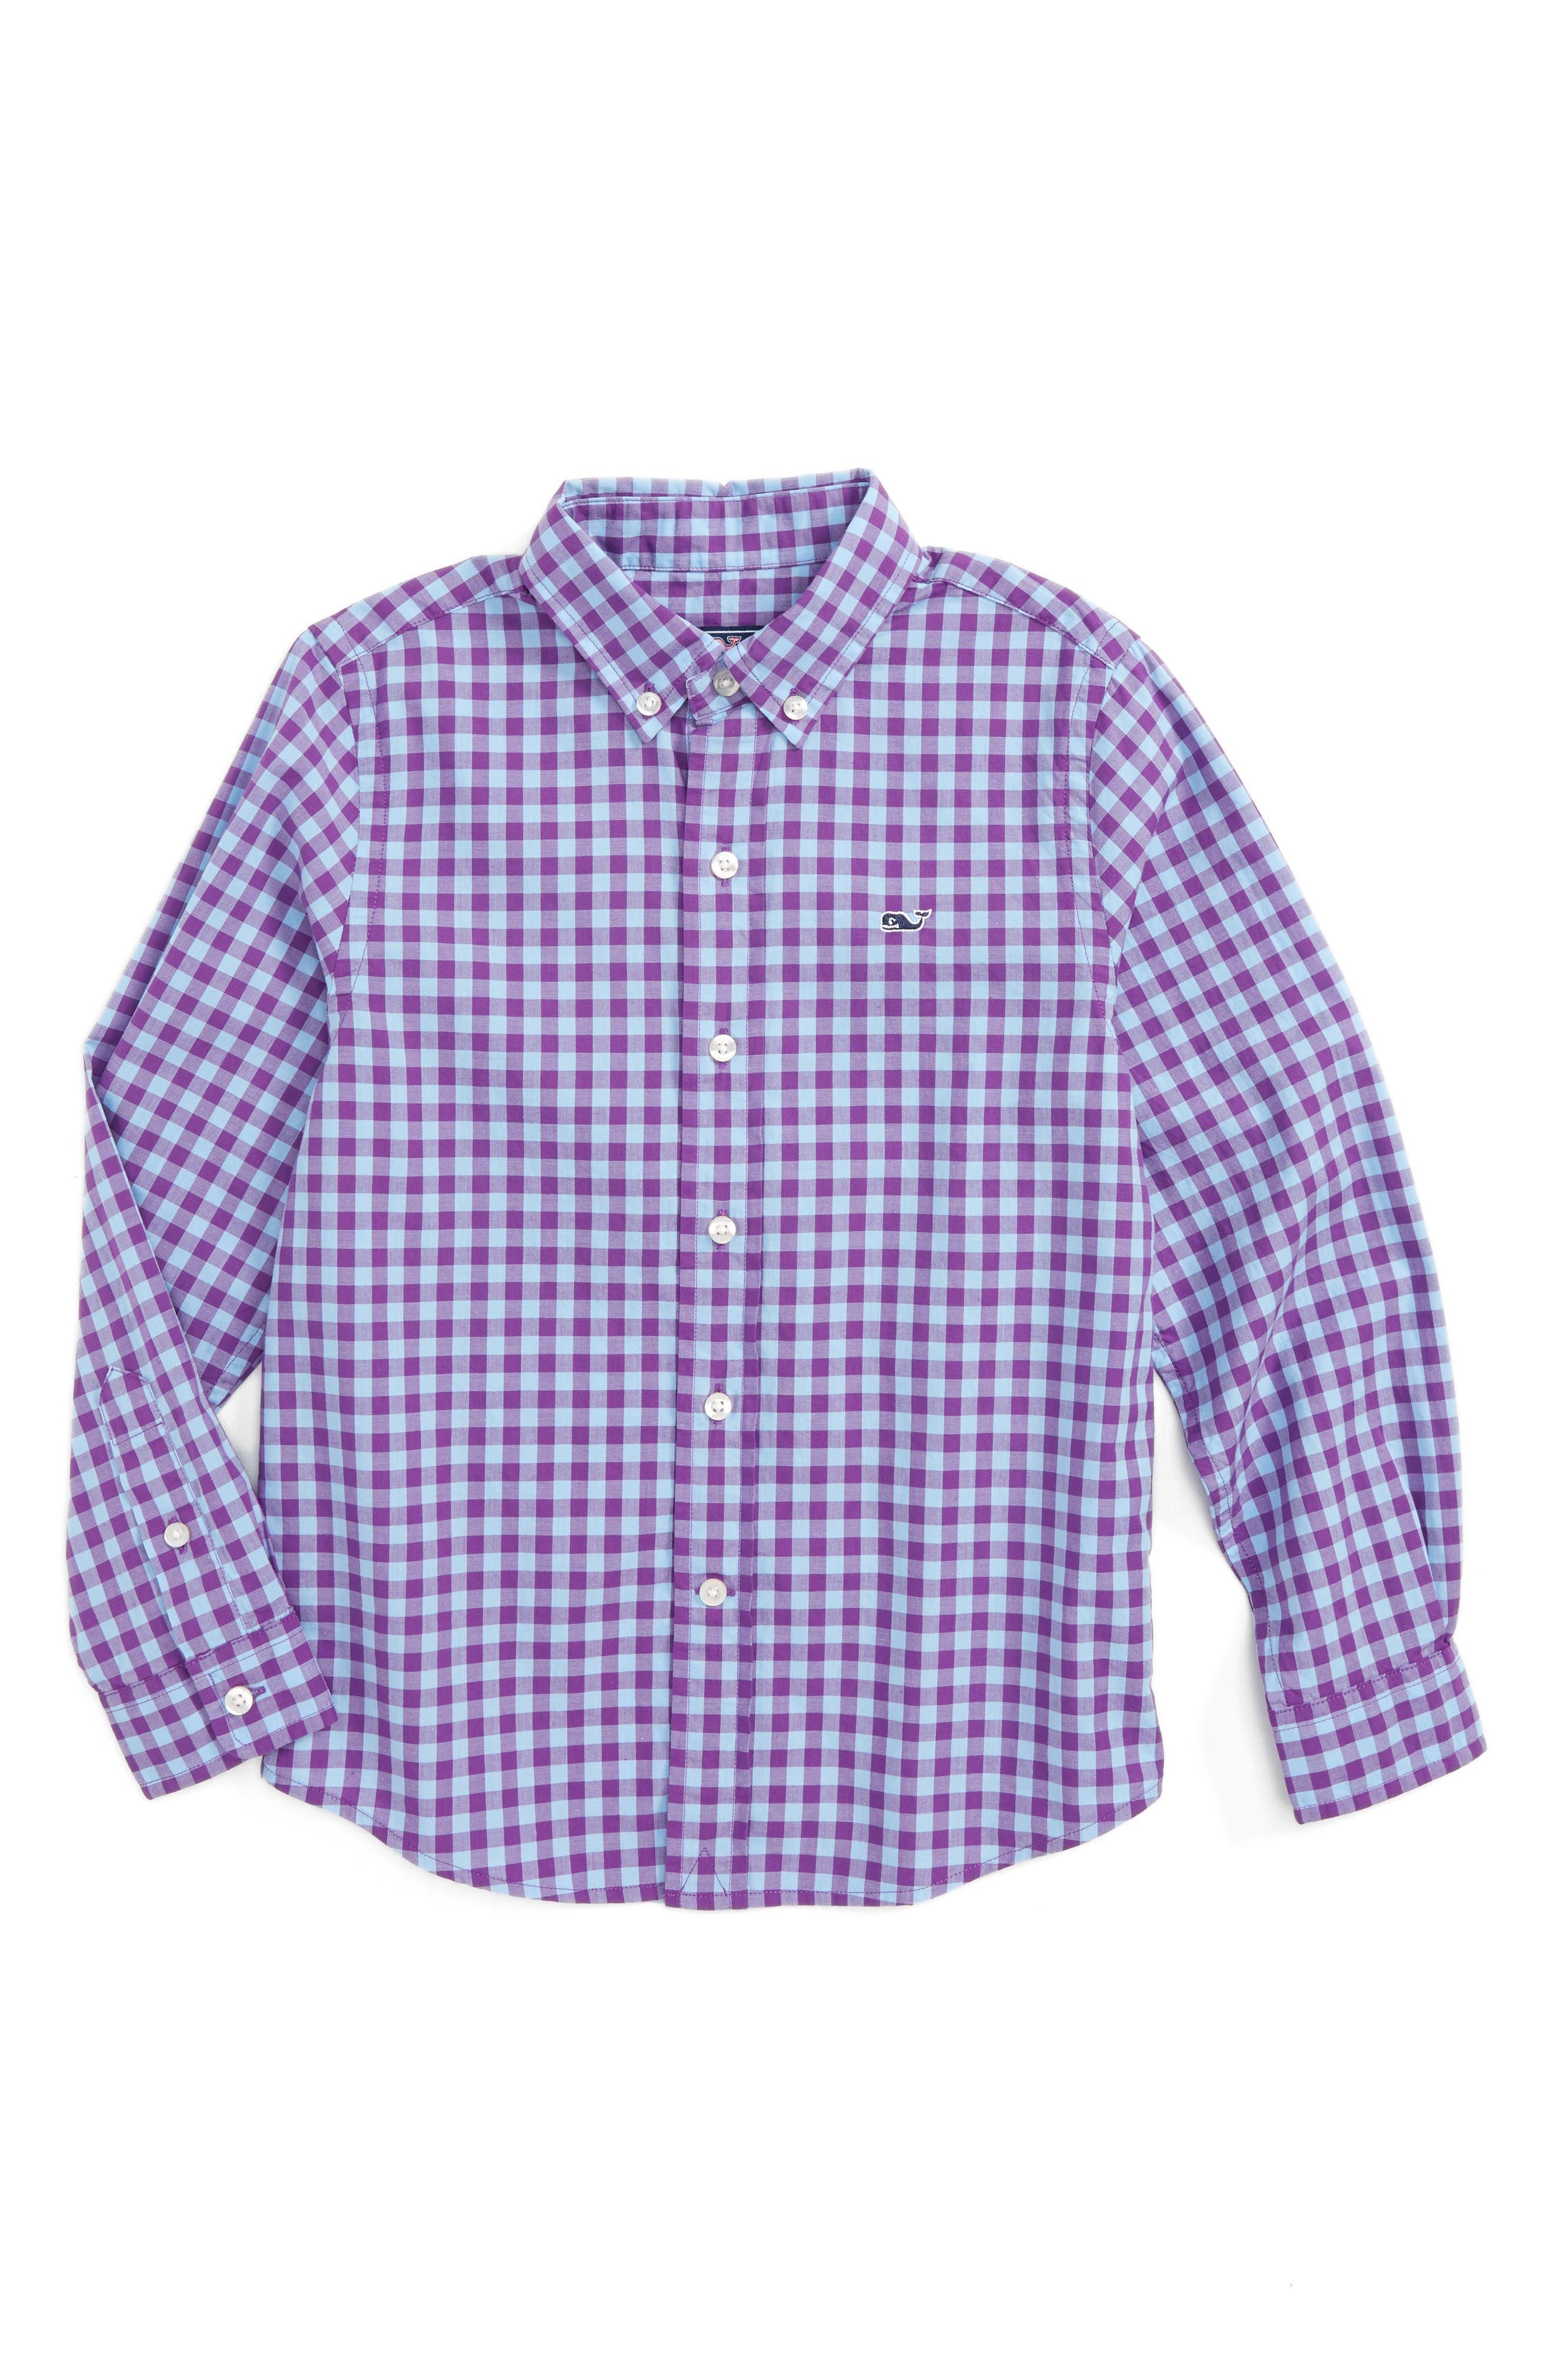 Foggy Quarter Gingham Whale Shirt,                         Main,                         color, 517